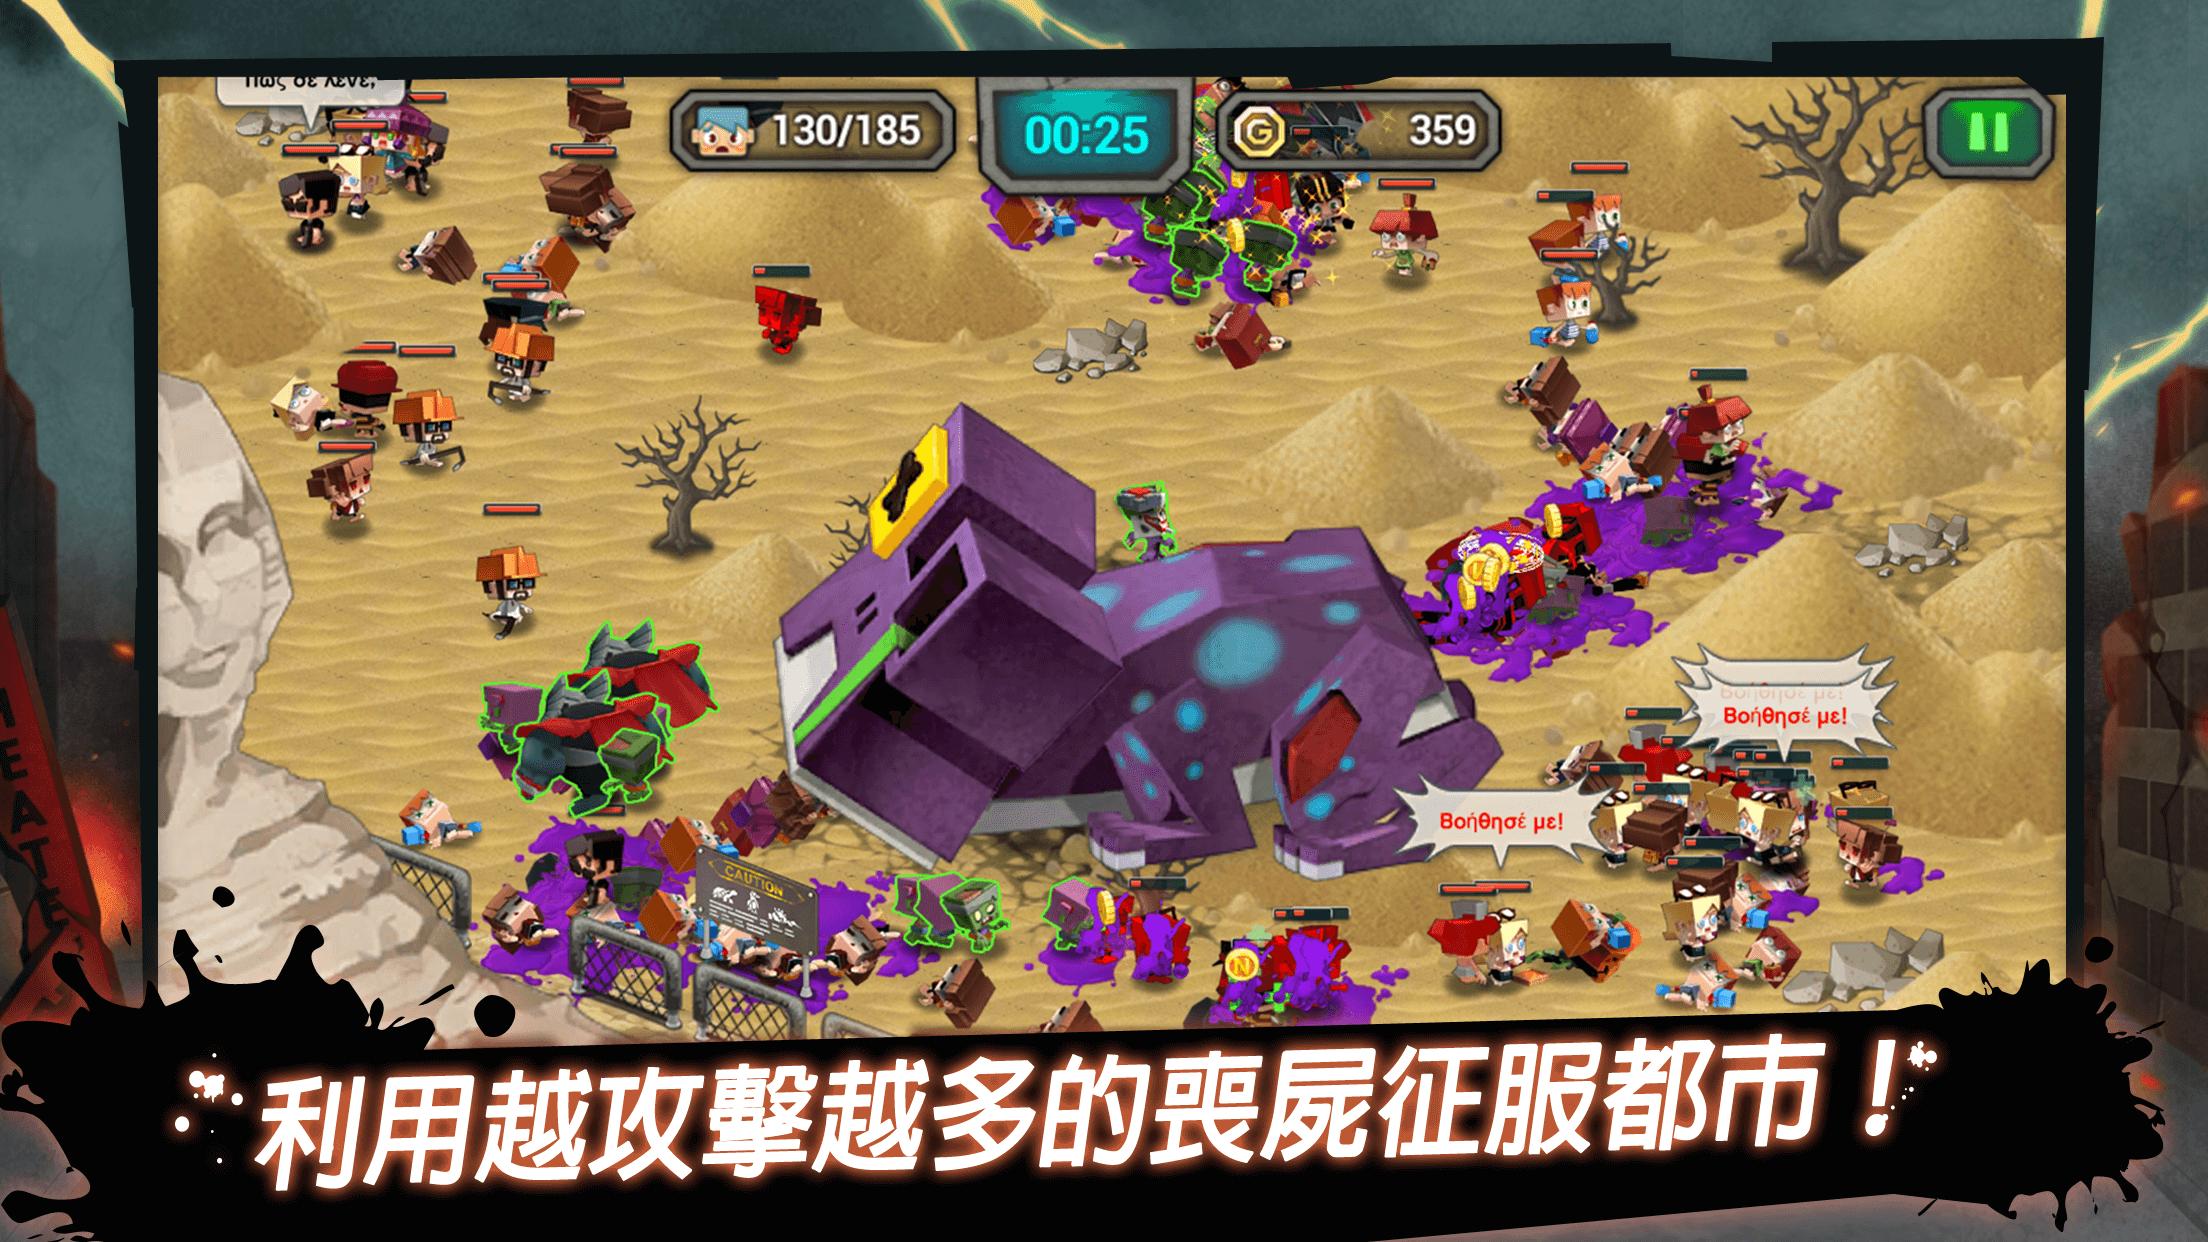 Screenshot 4: 喪屍的喪屍的喪屍切 (Drop the Zombie)